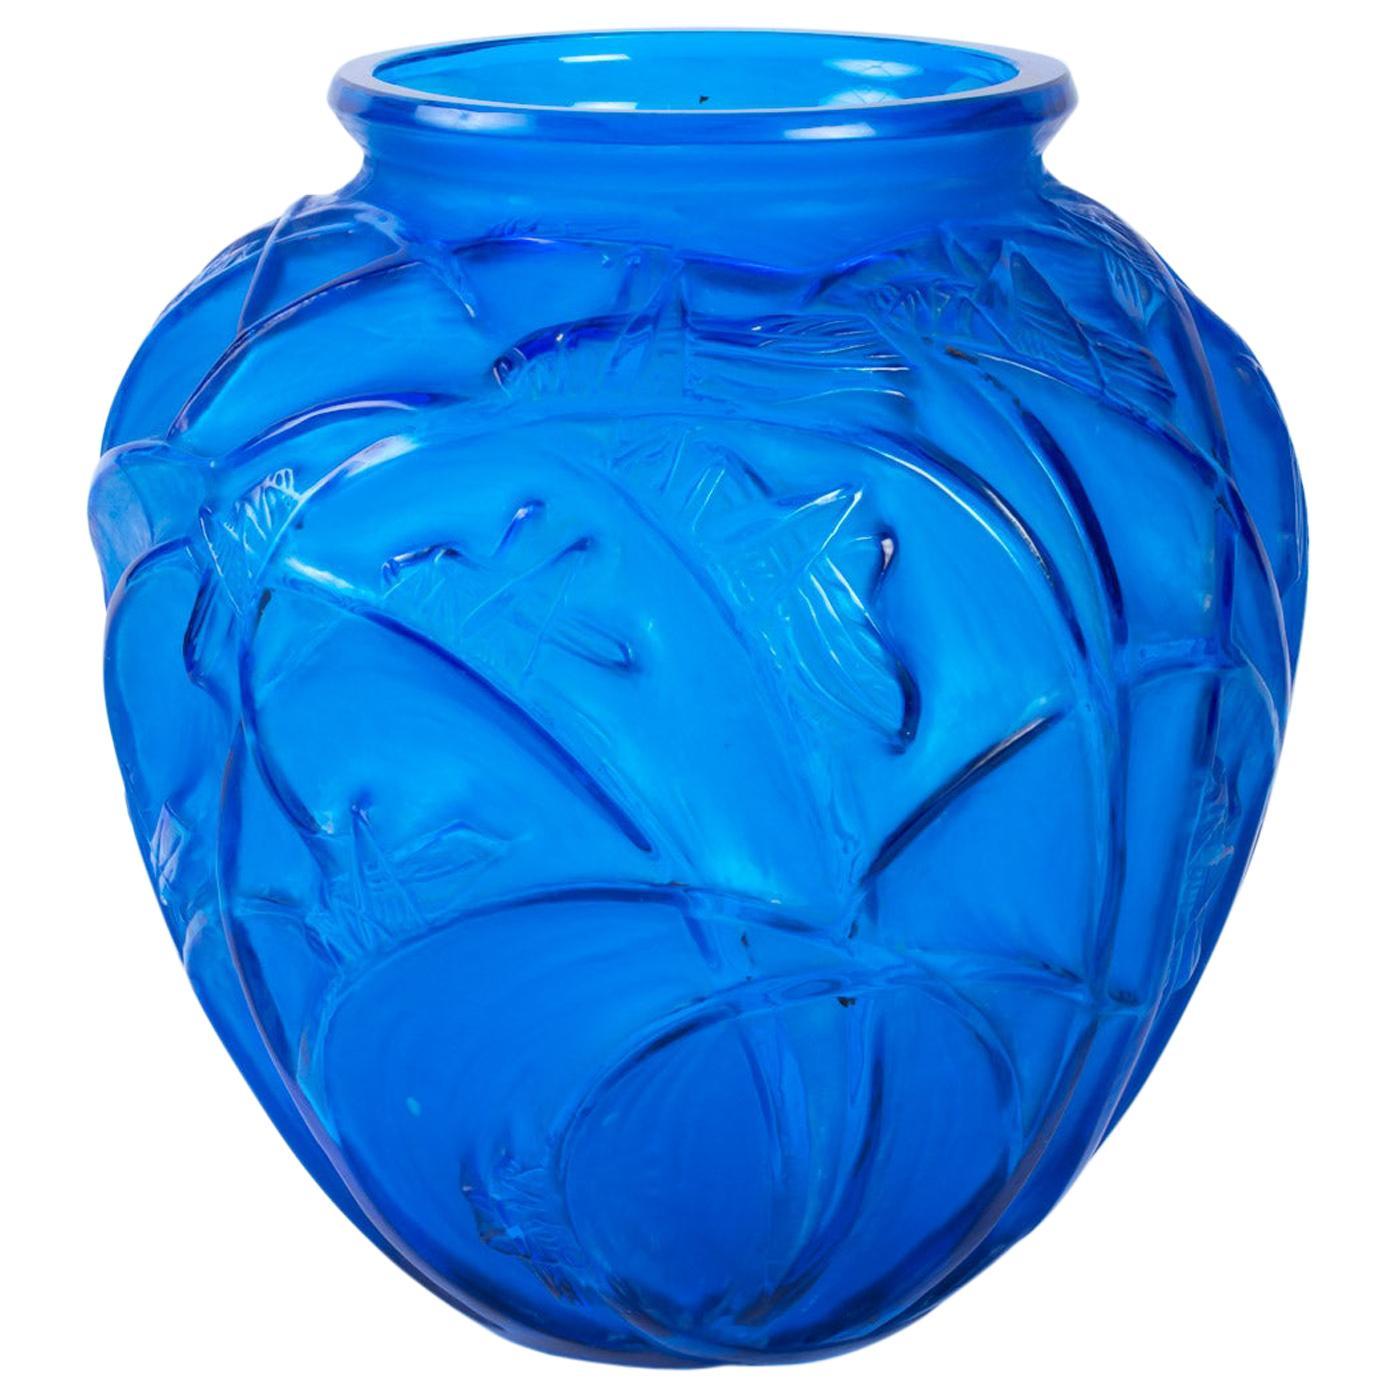 1912 René Lalique Sauterelles Electric Blue Vase Grasshoppers